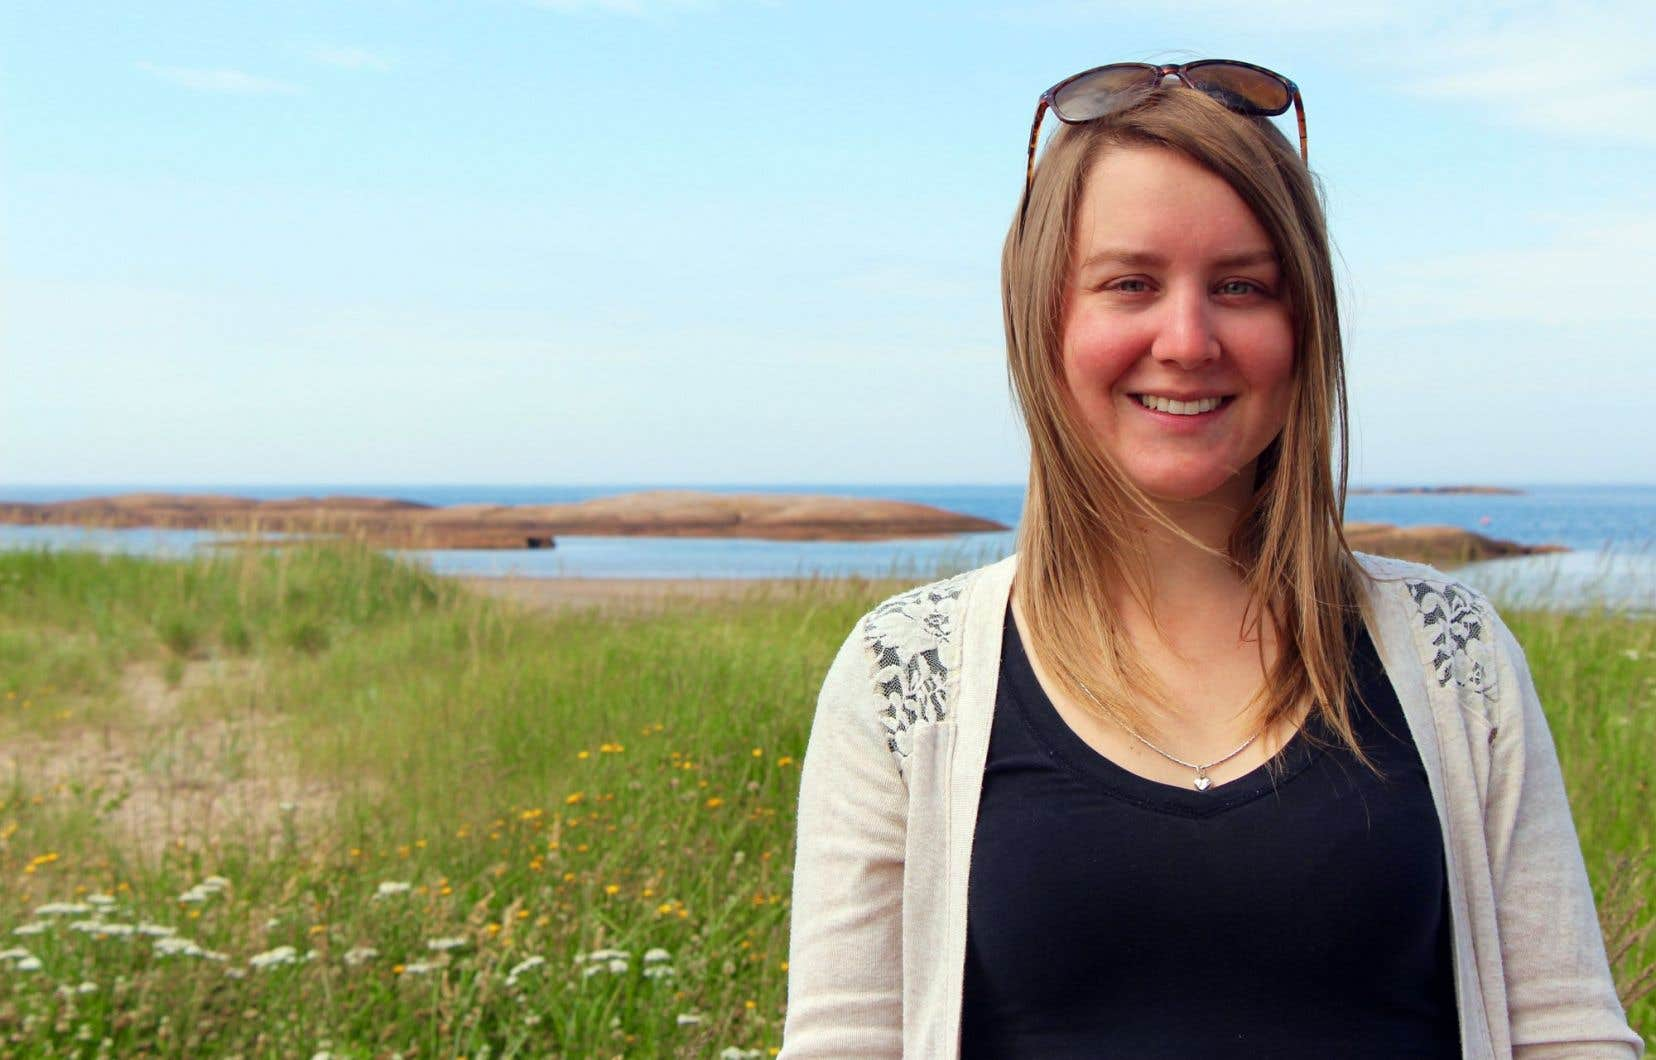 Stéphanie Gagné-Clermont, étudiante à la maîtrise en environnement sur le campus de Longueuil, s'intéresse particulièrement à la gestion des matières résiduelles (GMR).